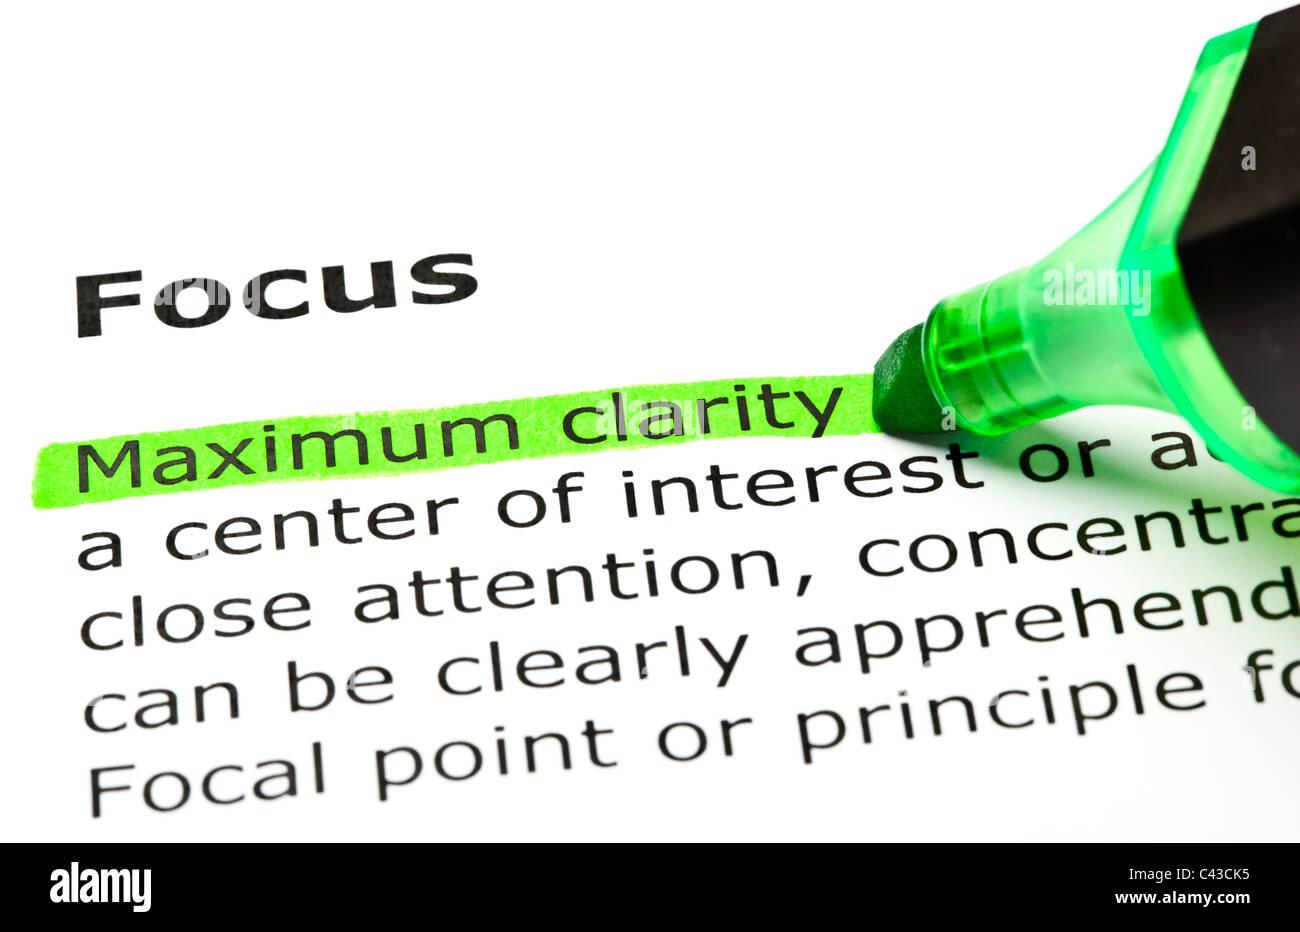 Clarté 'Maximum' en surbrillance en vert, sous la rubrique 'Focus' Photo Stock